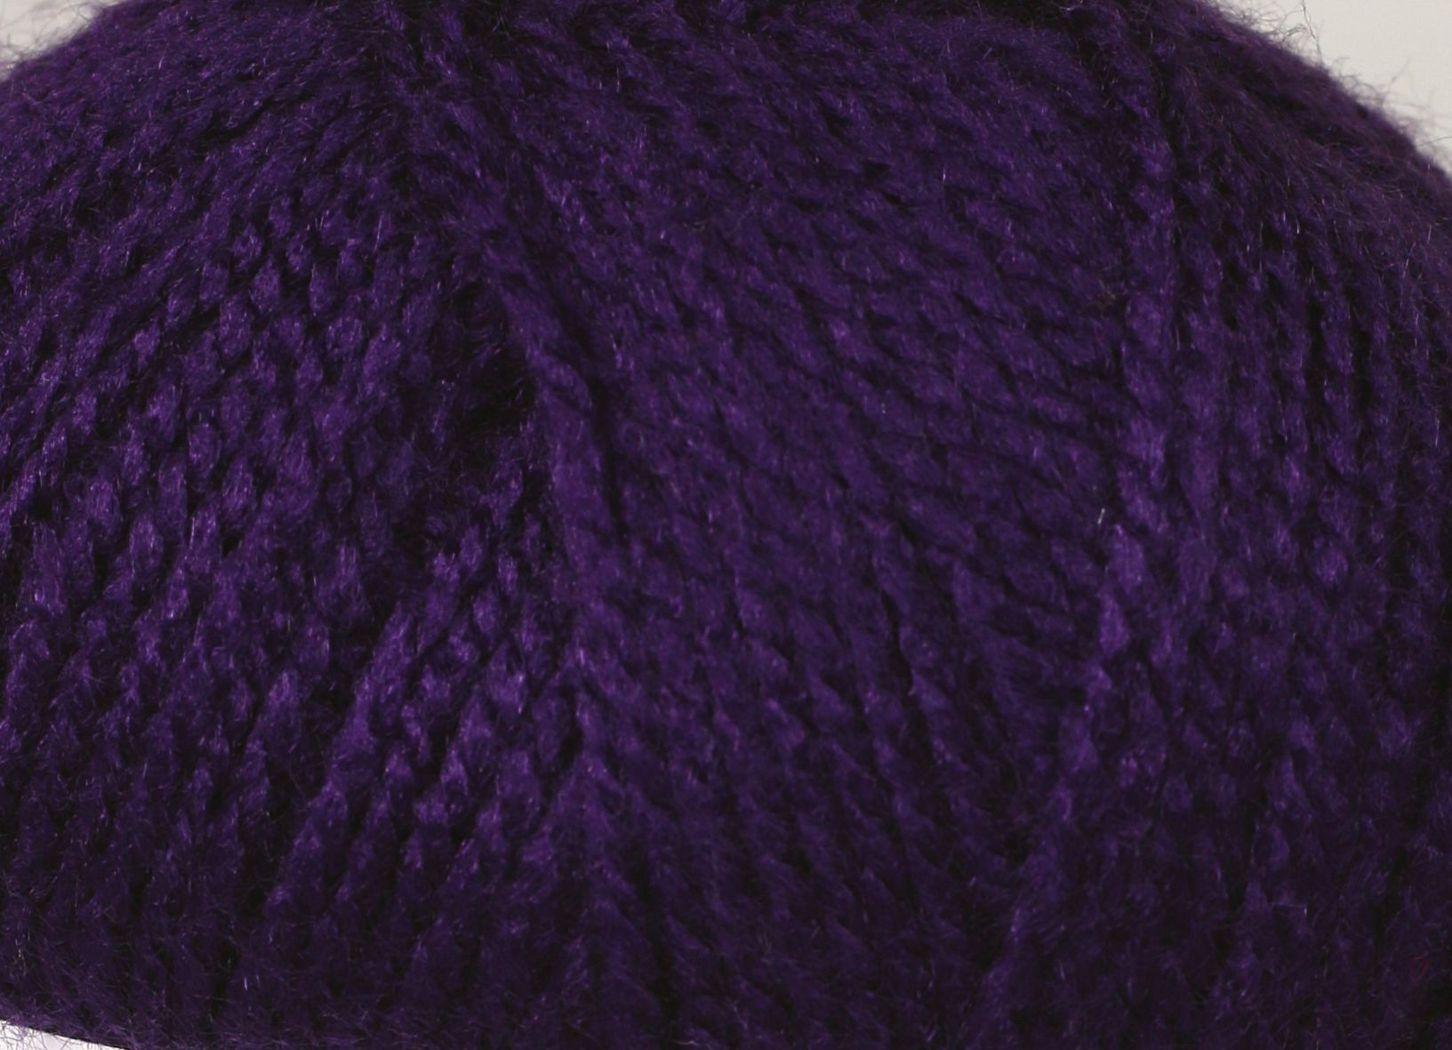 Pletací příze Vlnika TERA 46 tmavě fialová, klasická, 100g/310m